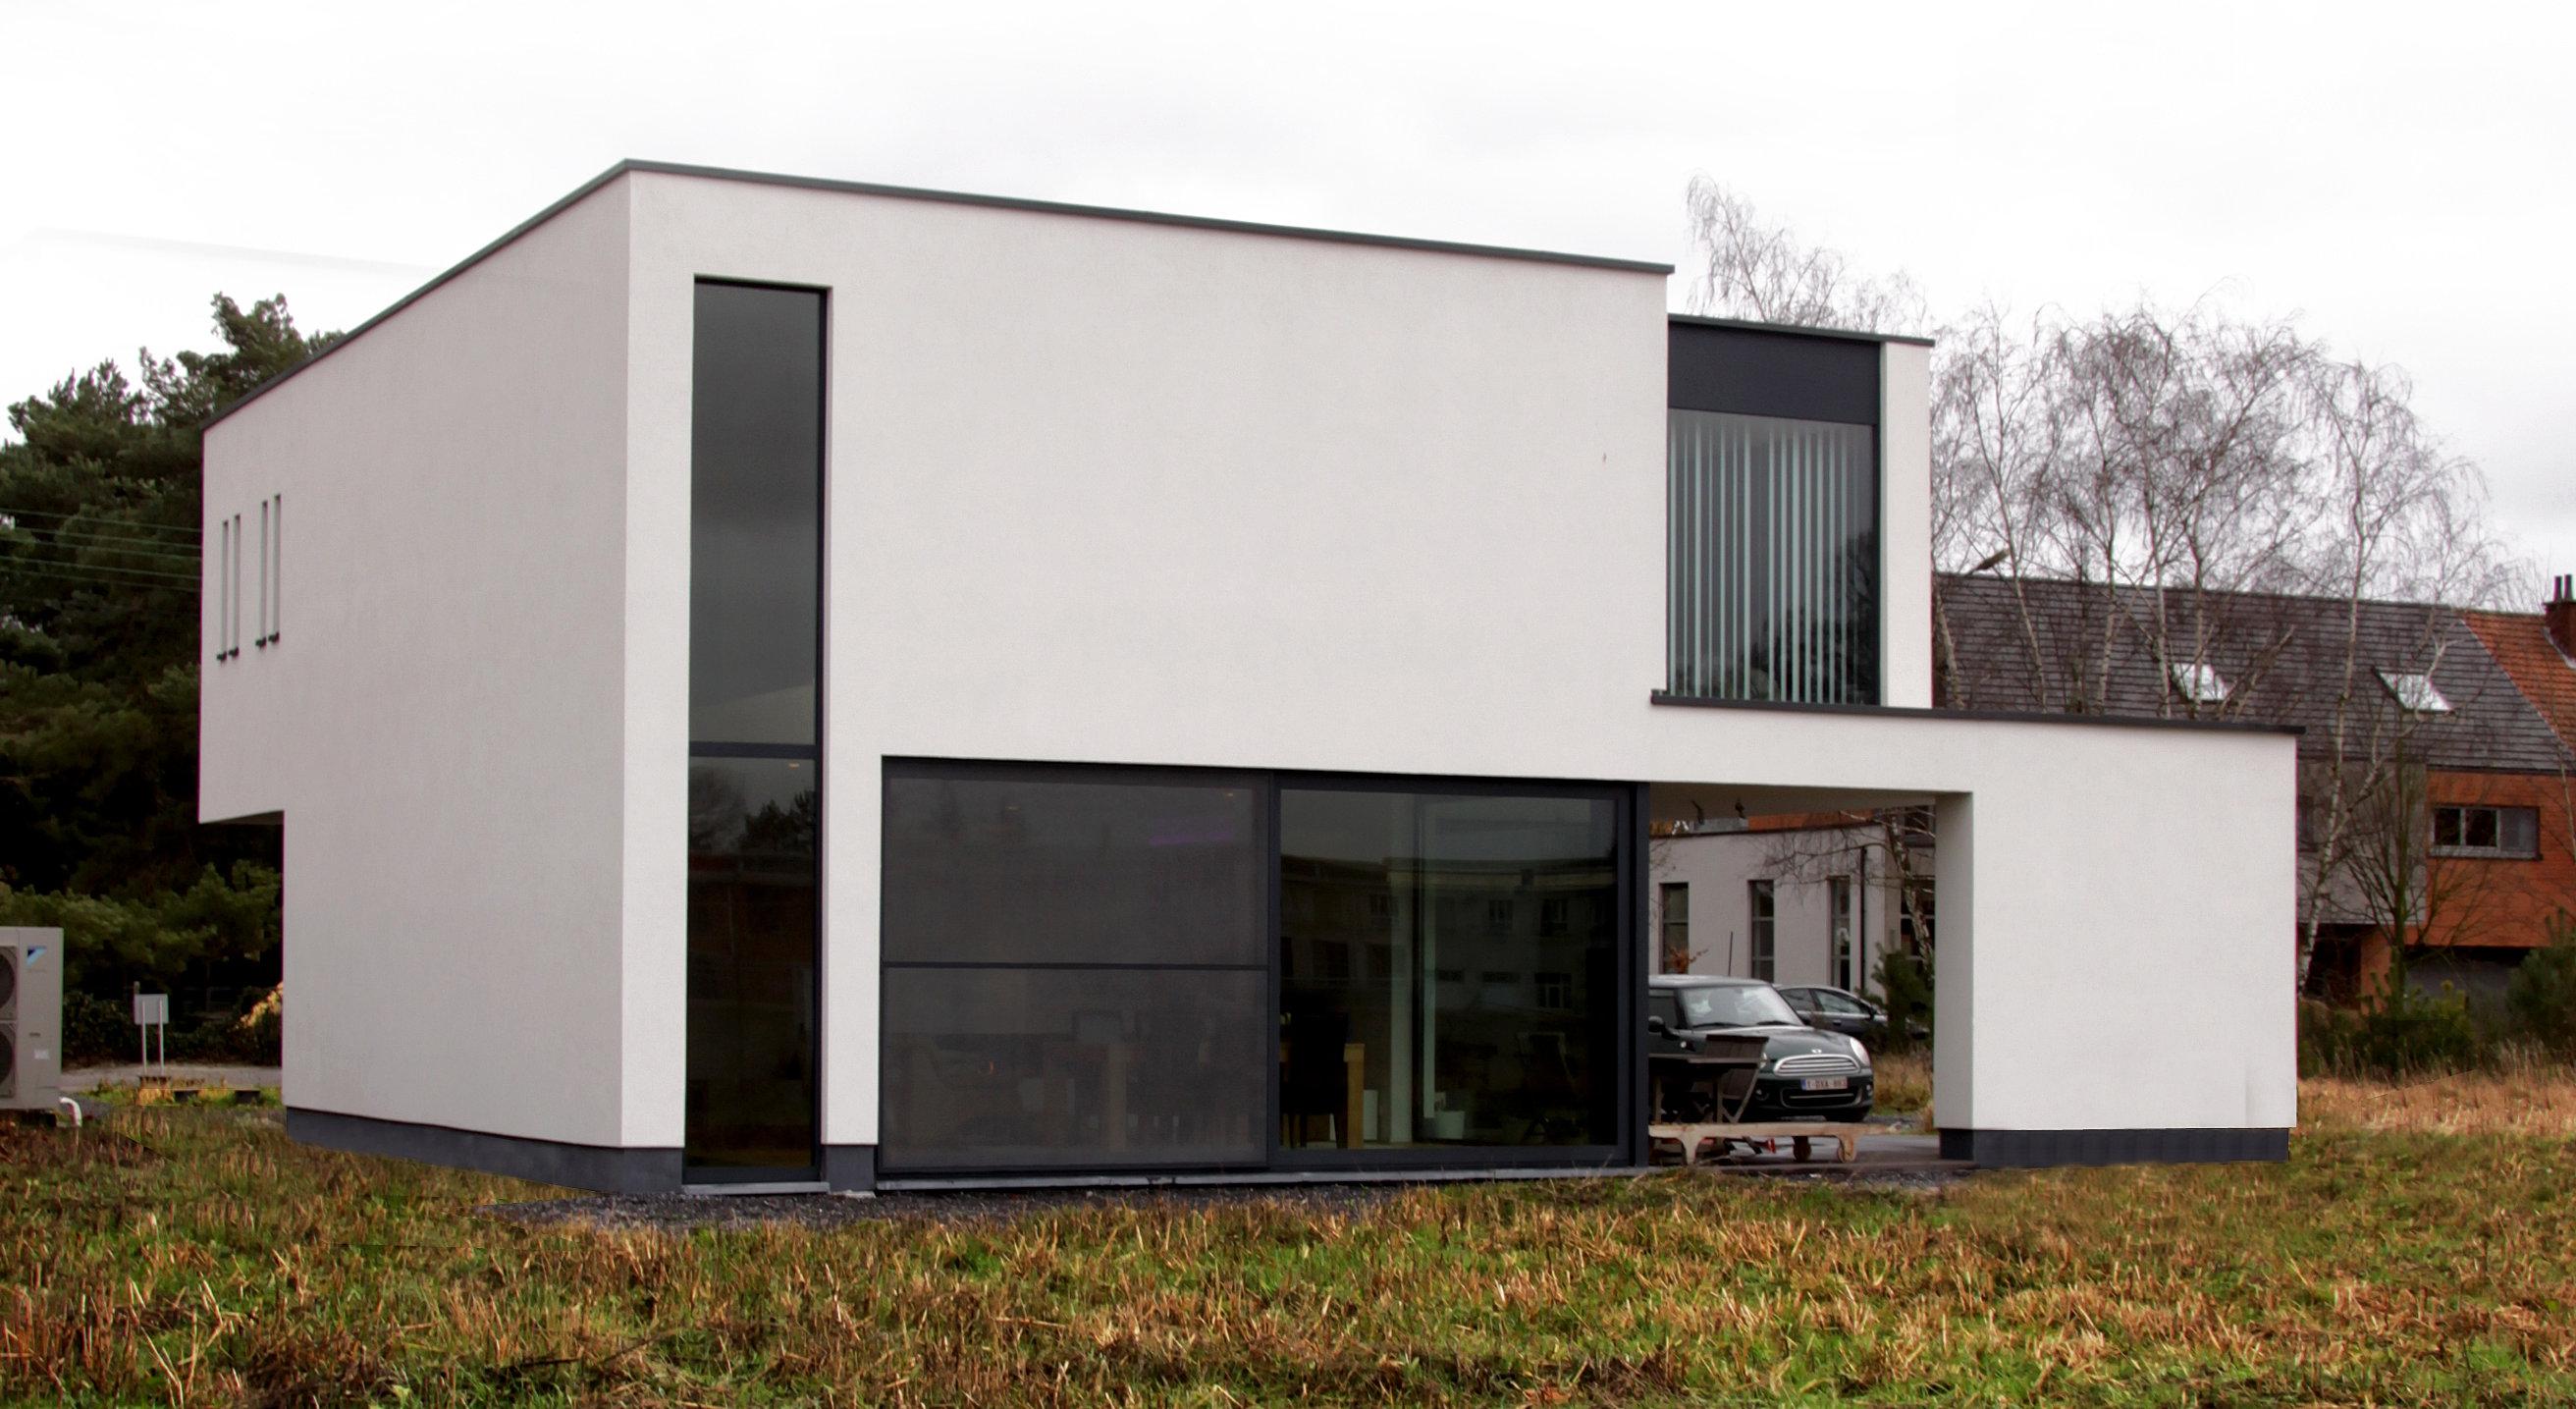 Meest recente 4271 moderne woningen inrichting pic beste voorbeelden afbeeldingen ontwerpen - Huis in de moderne ...